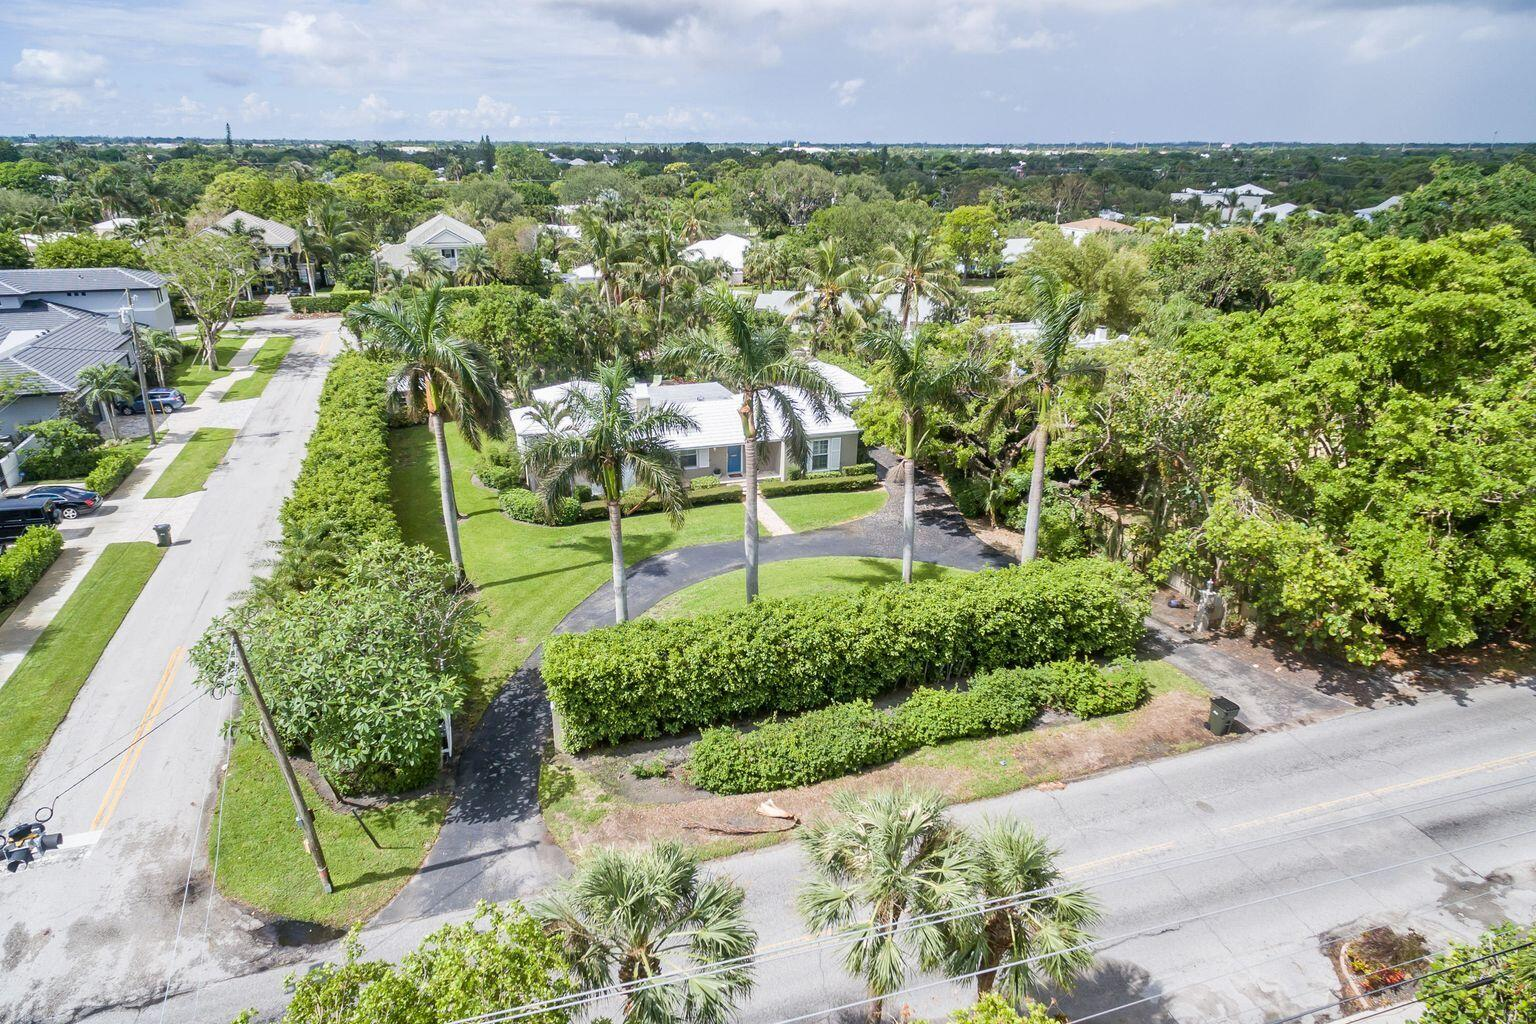 802 Swinton Avenue, Delray Beach, Florida 33444, 3 Bedrooms Bedrooms, ,3 BathroomsBathrooms,Single Family Detached,For Sale,Swinton,RX-10693967